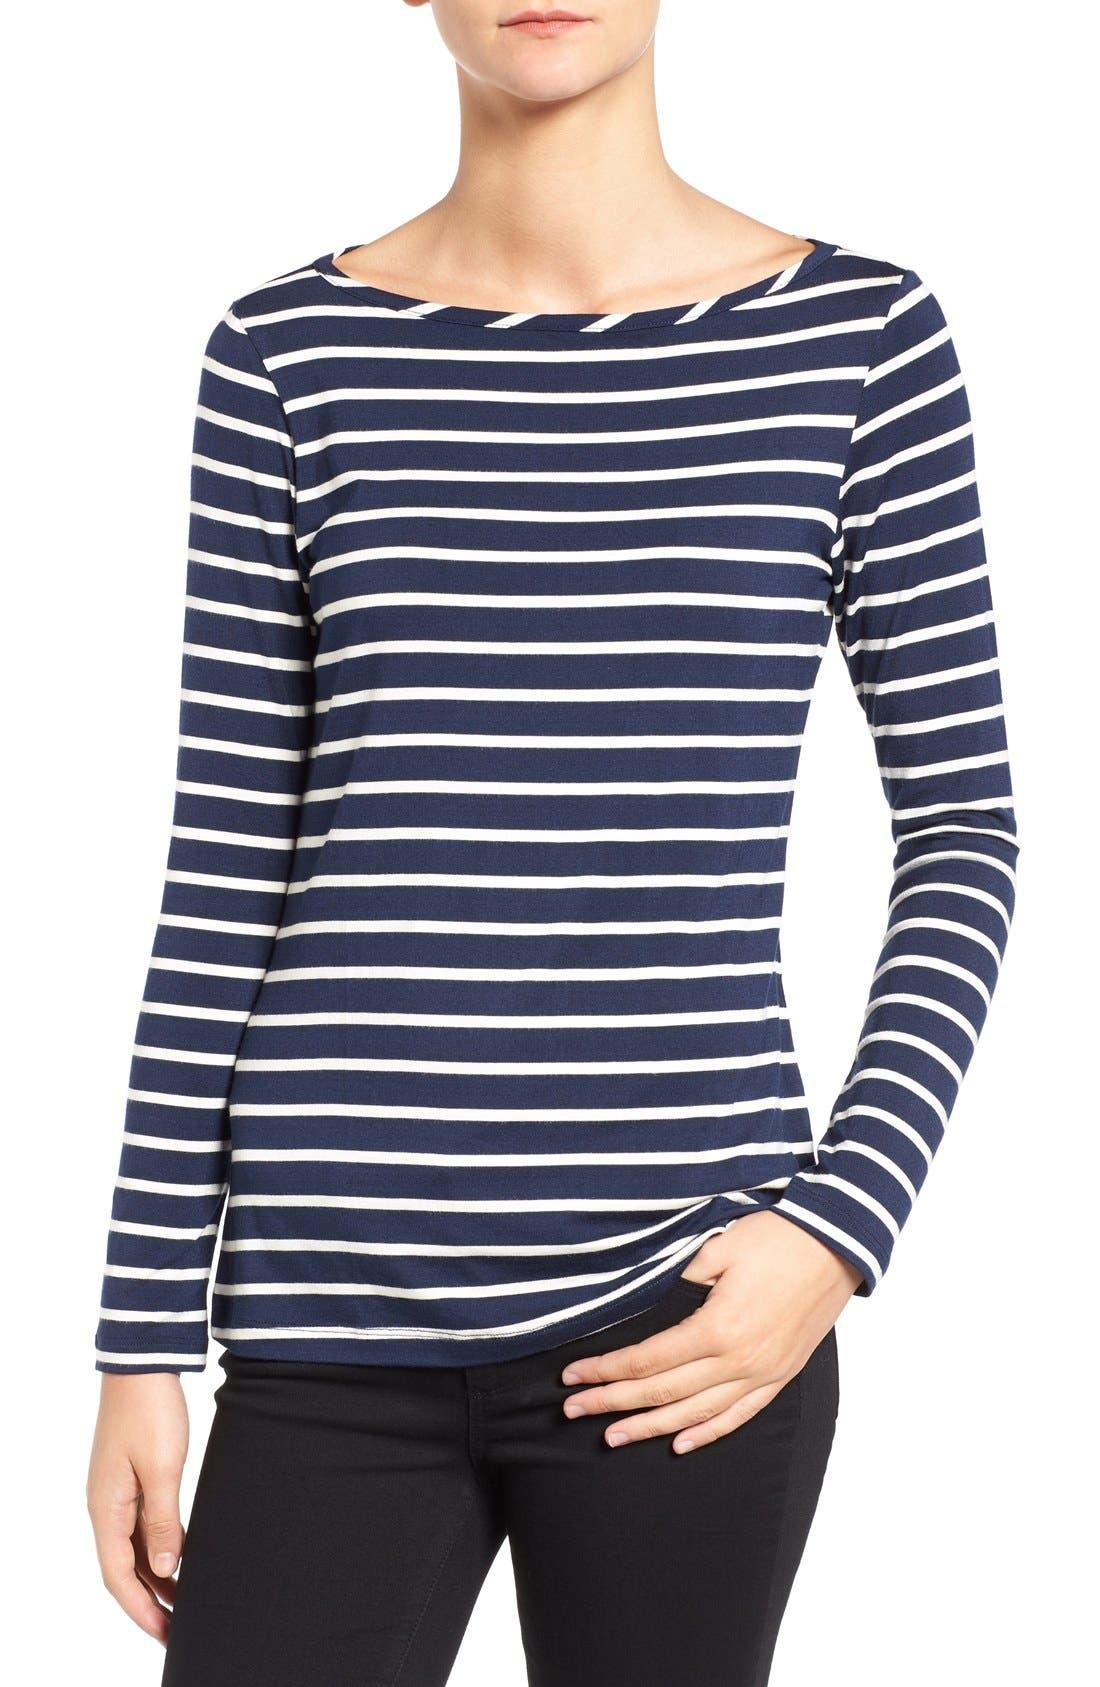 Francoise Stripe Top,                         Main,                         color, Basque Stripe